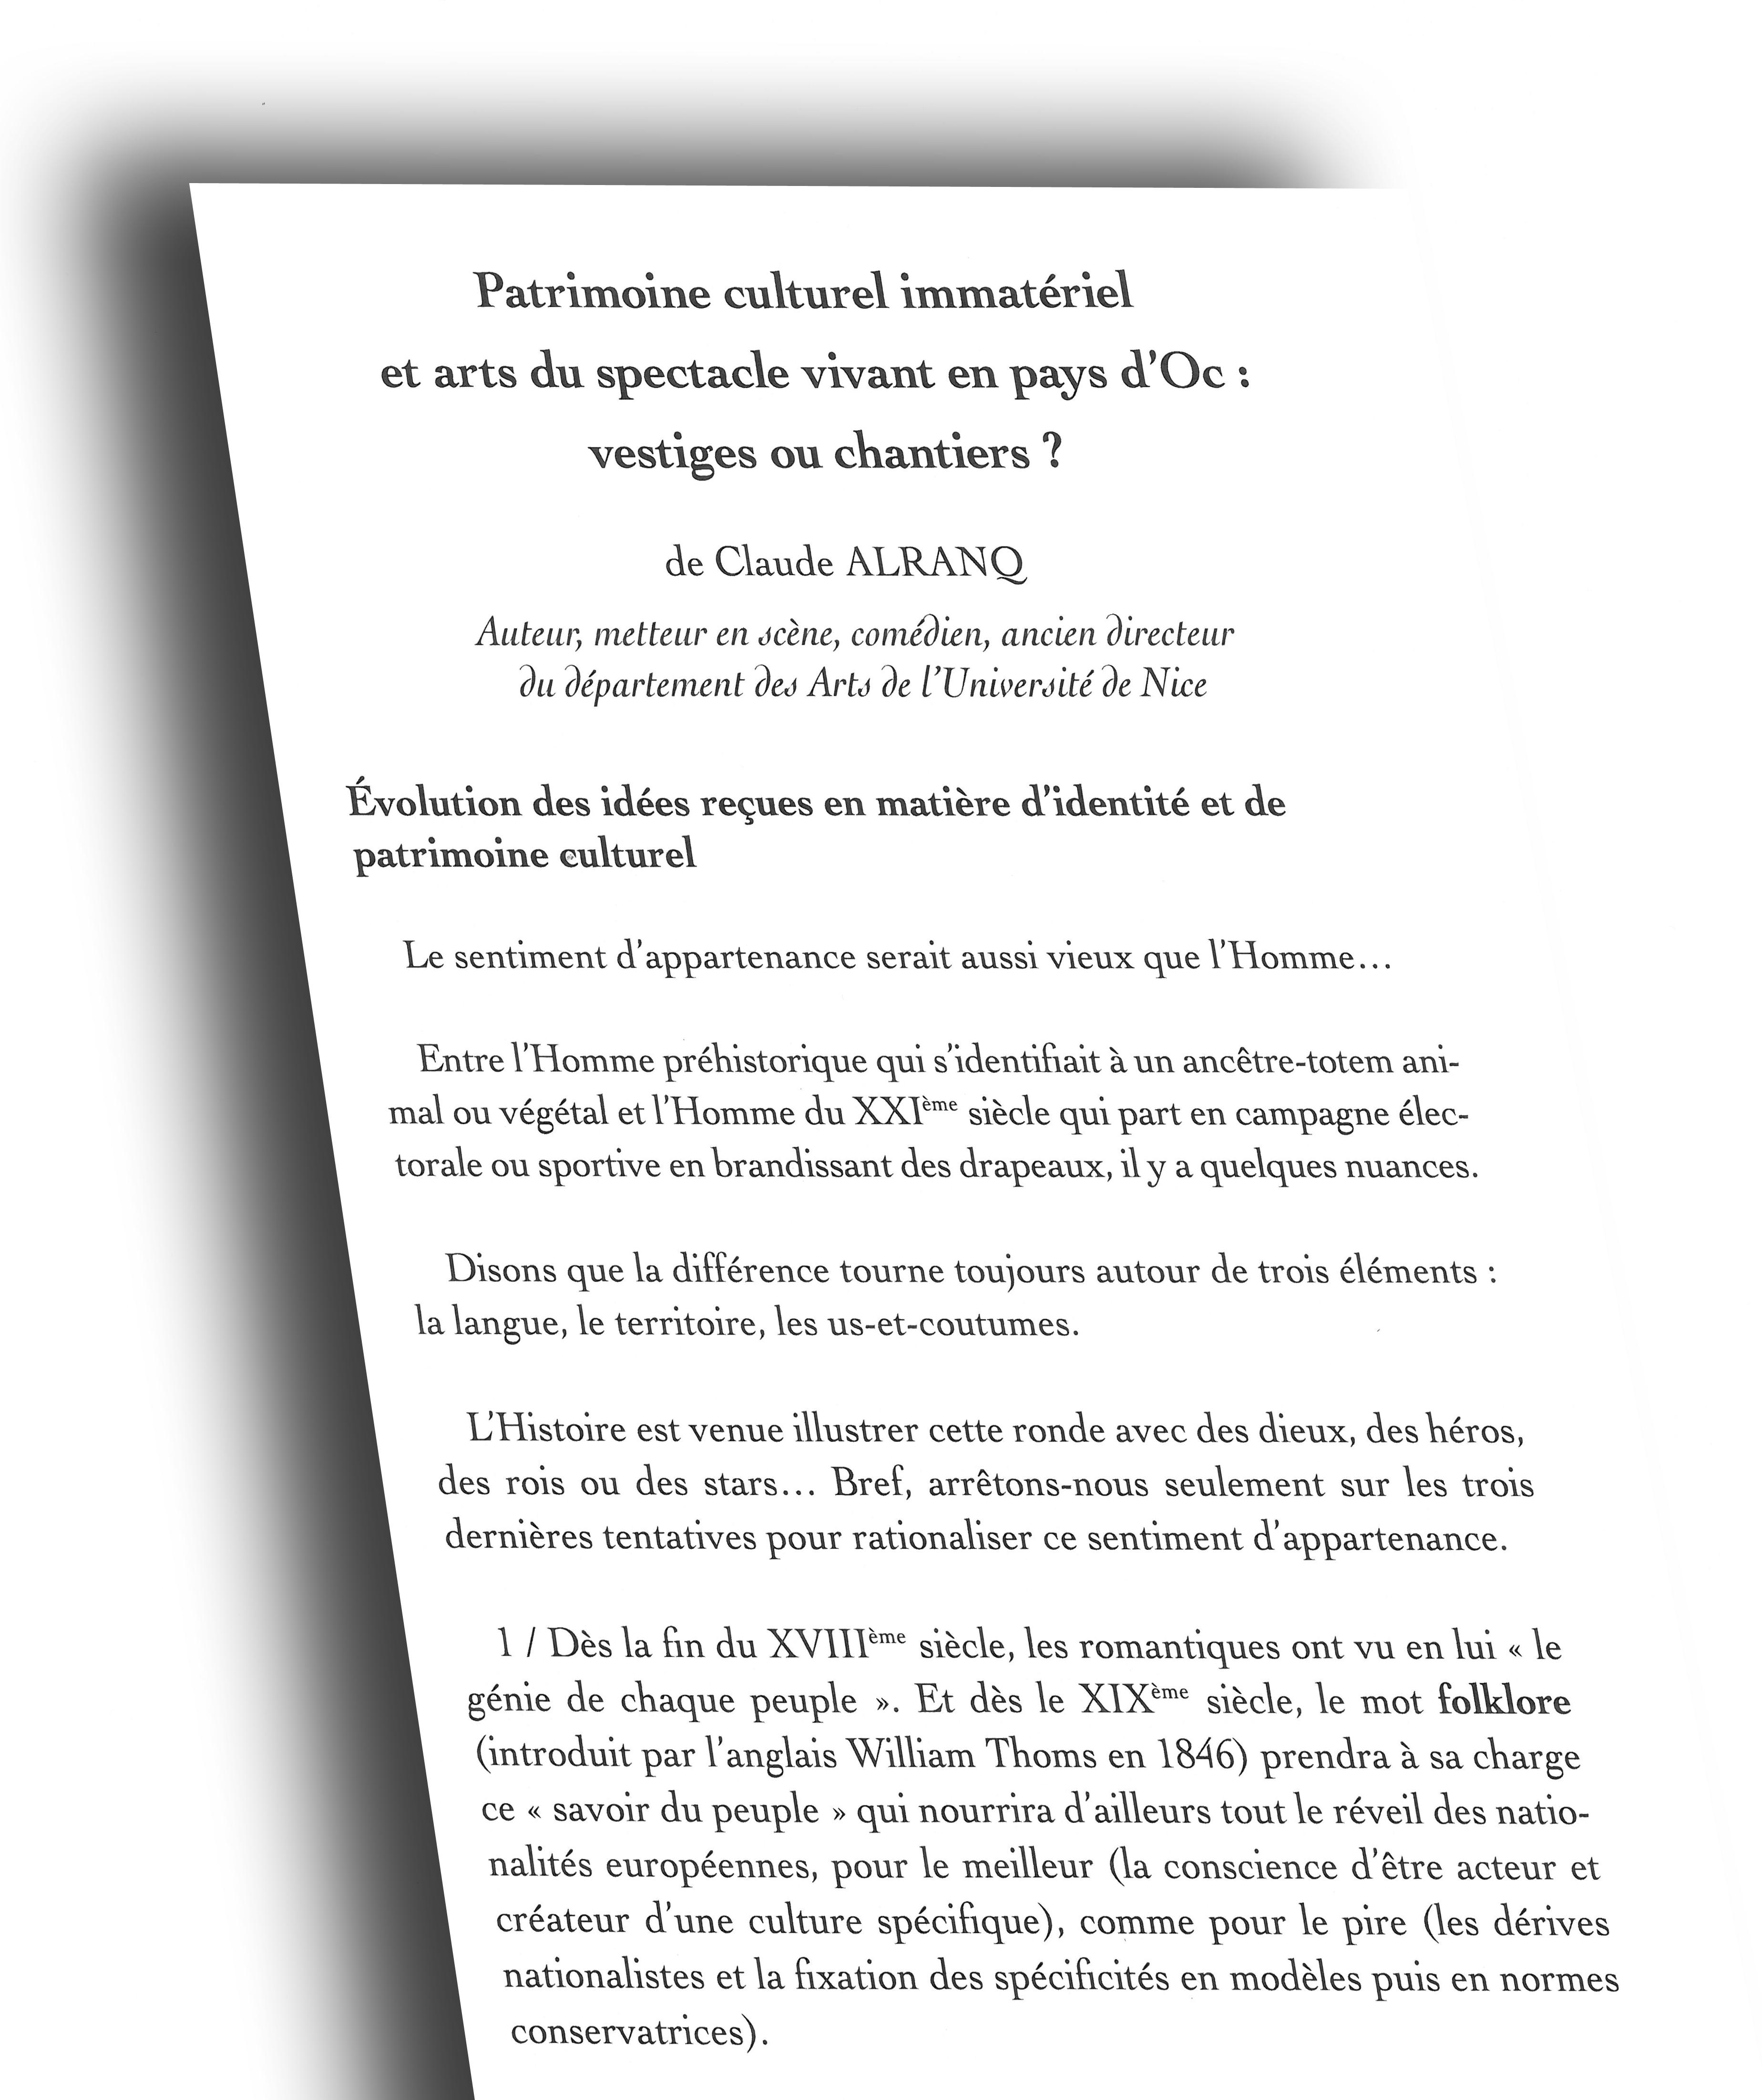 vignette_modifié-1.jpg